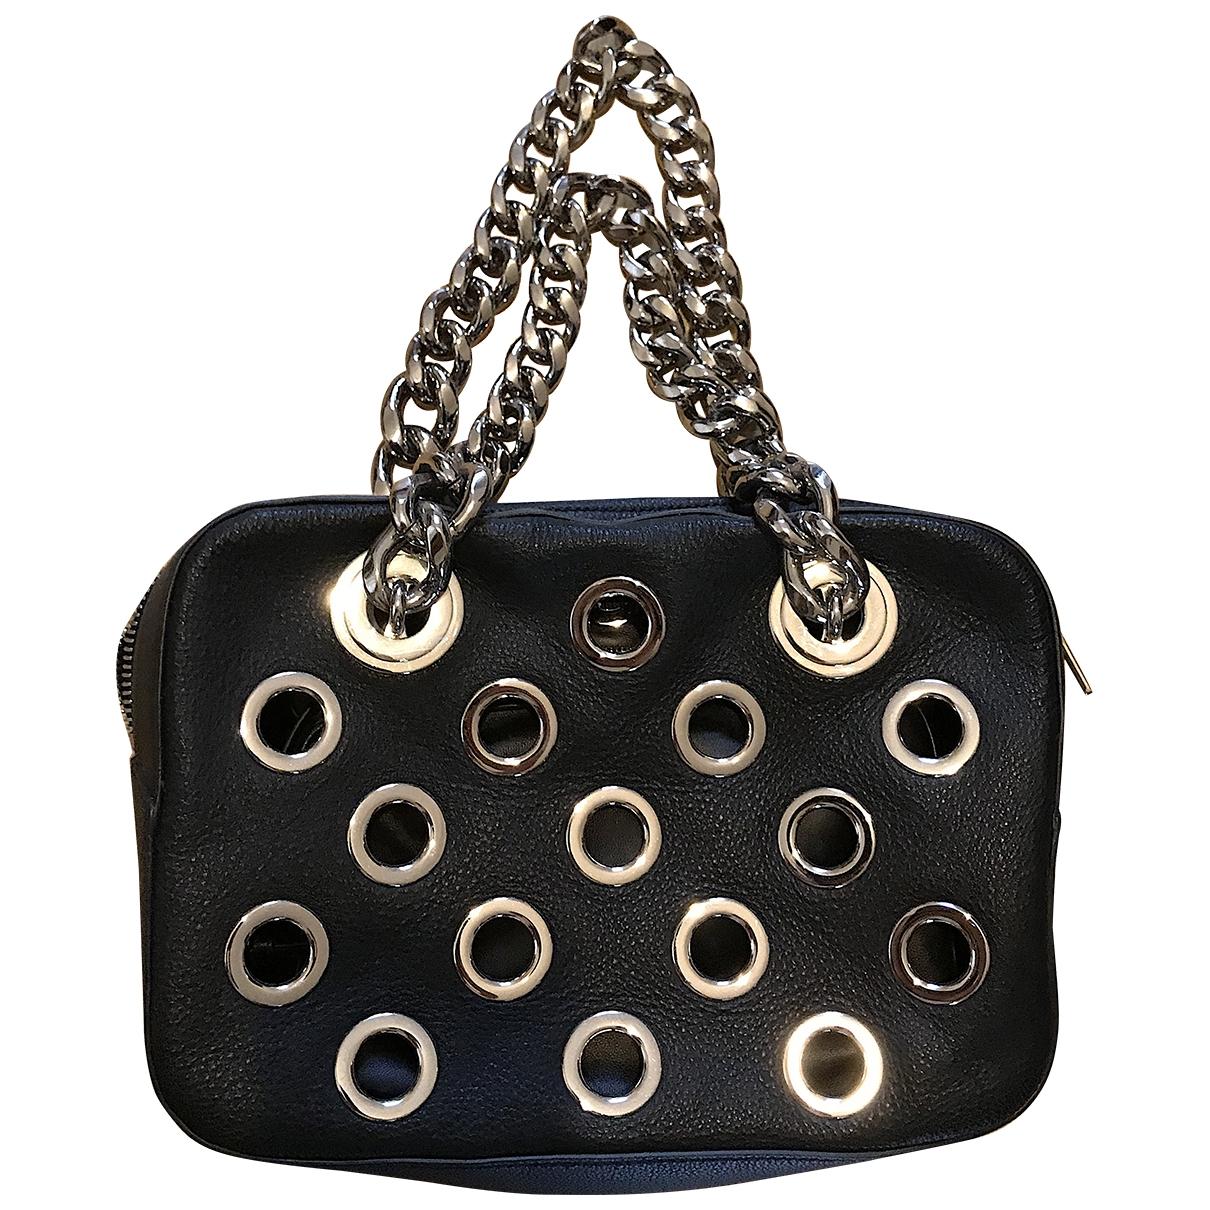 Prada - Sac a main City Fori Chain pour femme en cuir - noir